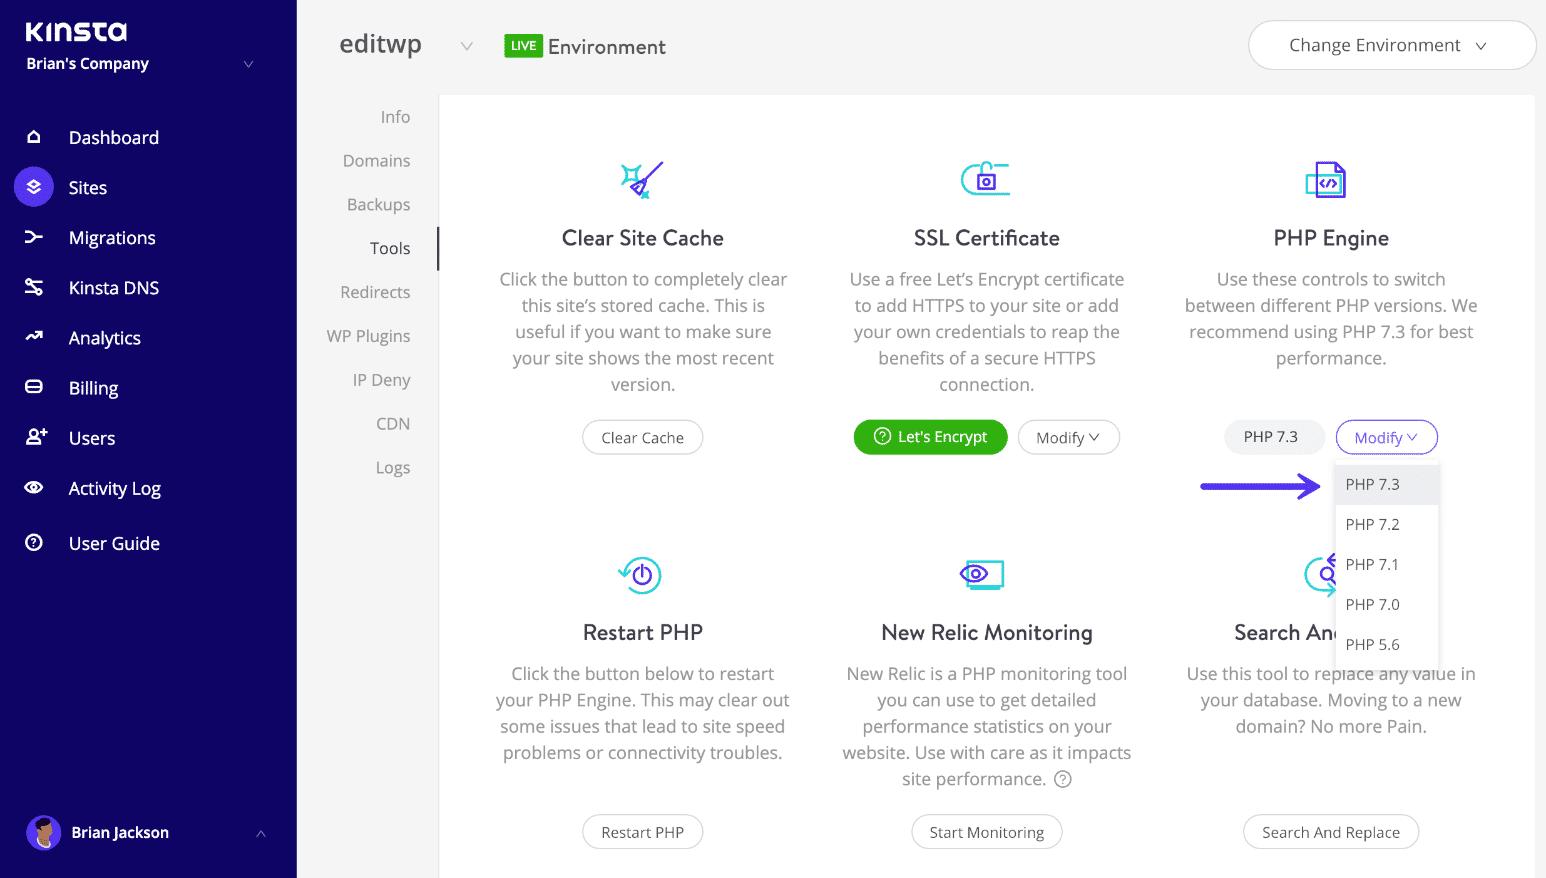 Zu PHP 7.3 wechseln